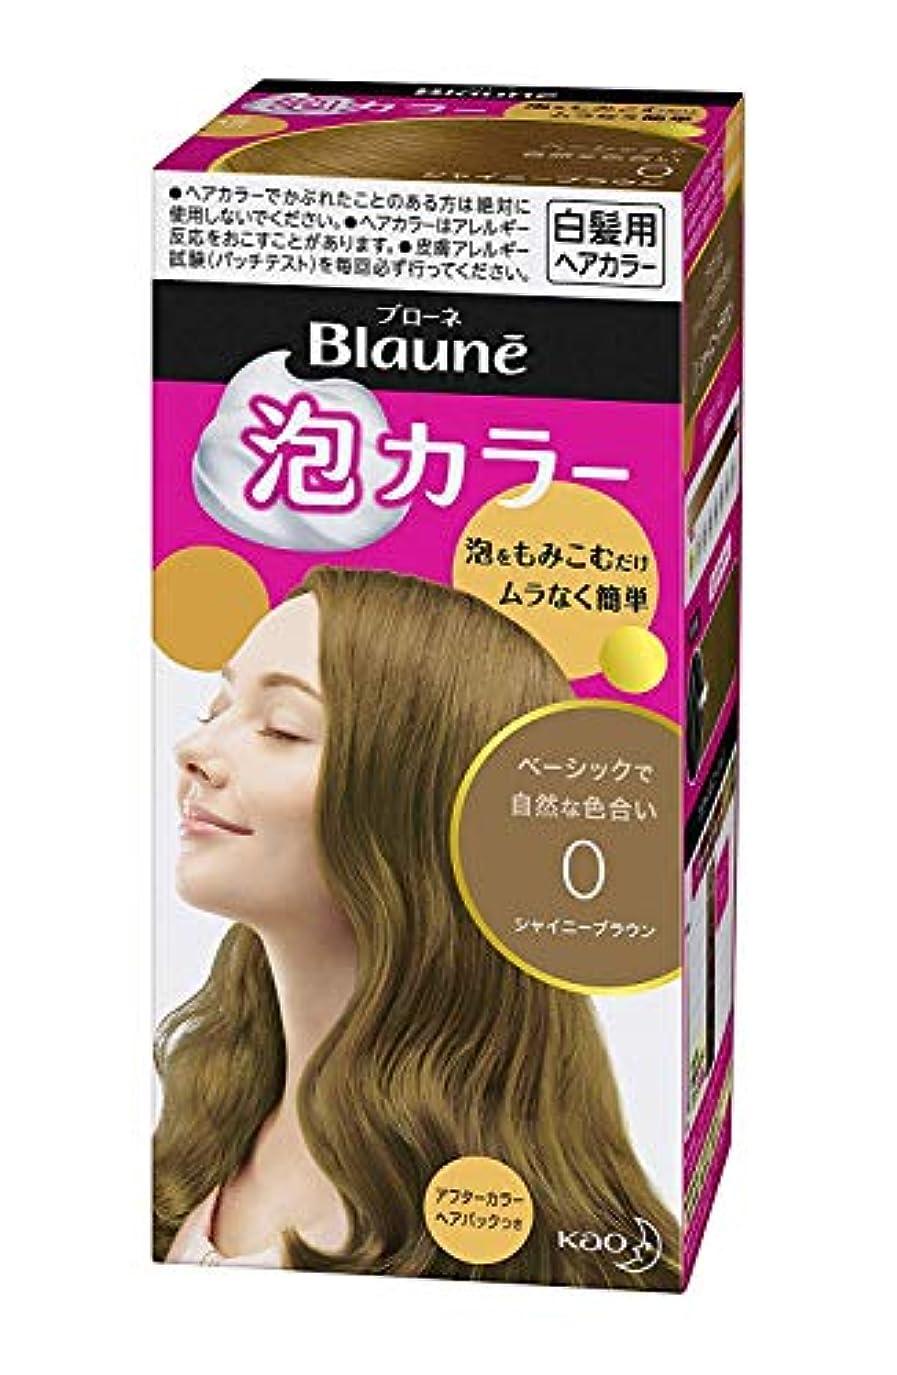 行グラマー保険【花王】ブローネ泡カラー 0 シャイニーブラウン 108ml ×20個セット